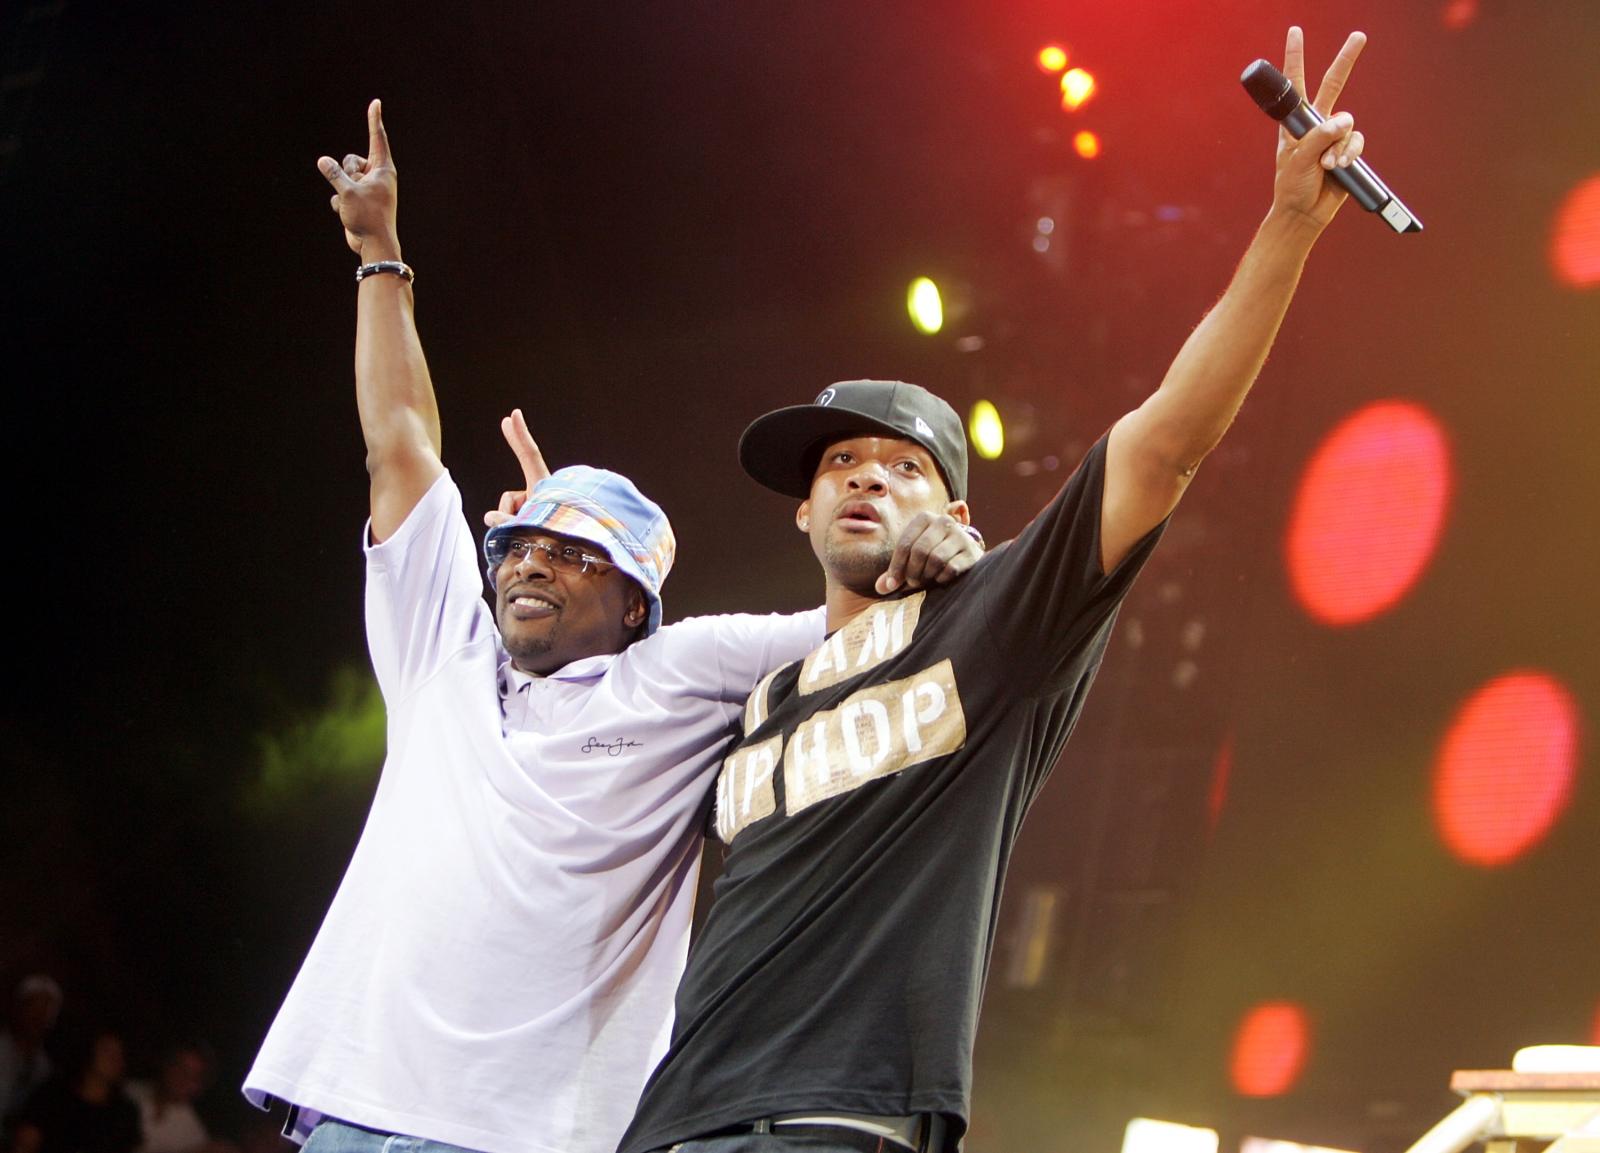 DJ Jazzy Jeff and Will Smith